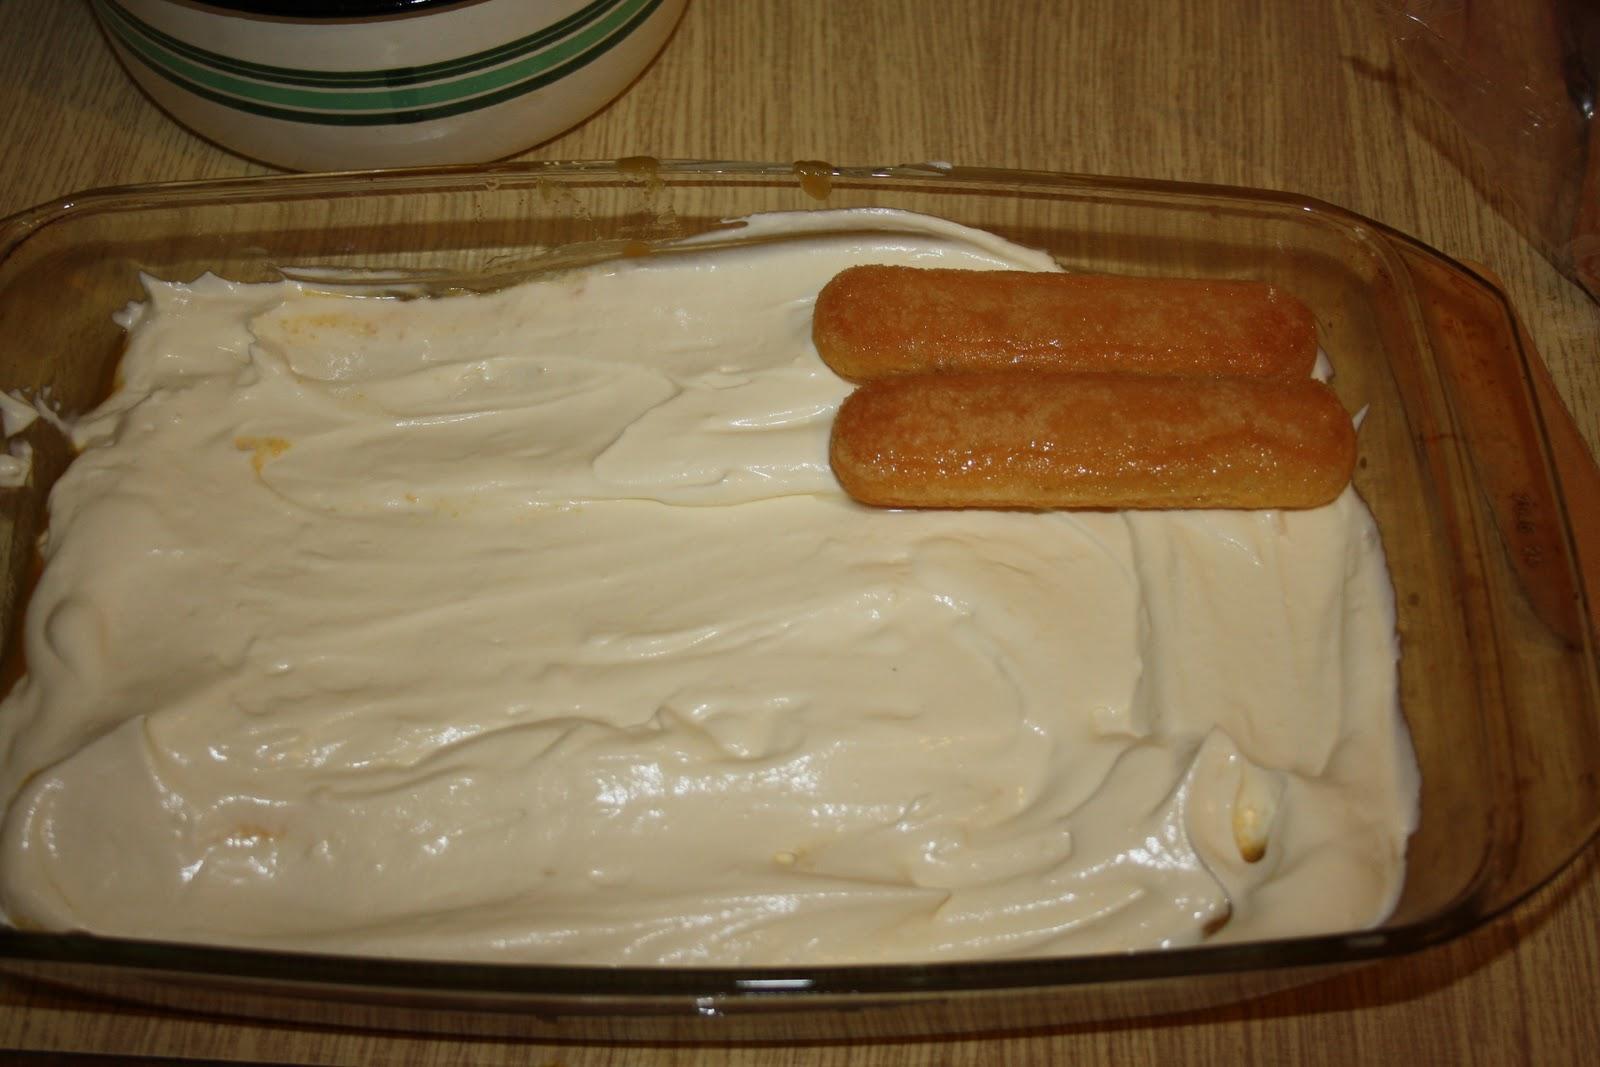 Крем на основе сыра маскарпоне для торта рецепт пошагово в домашних